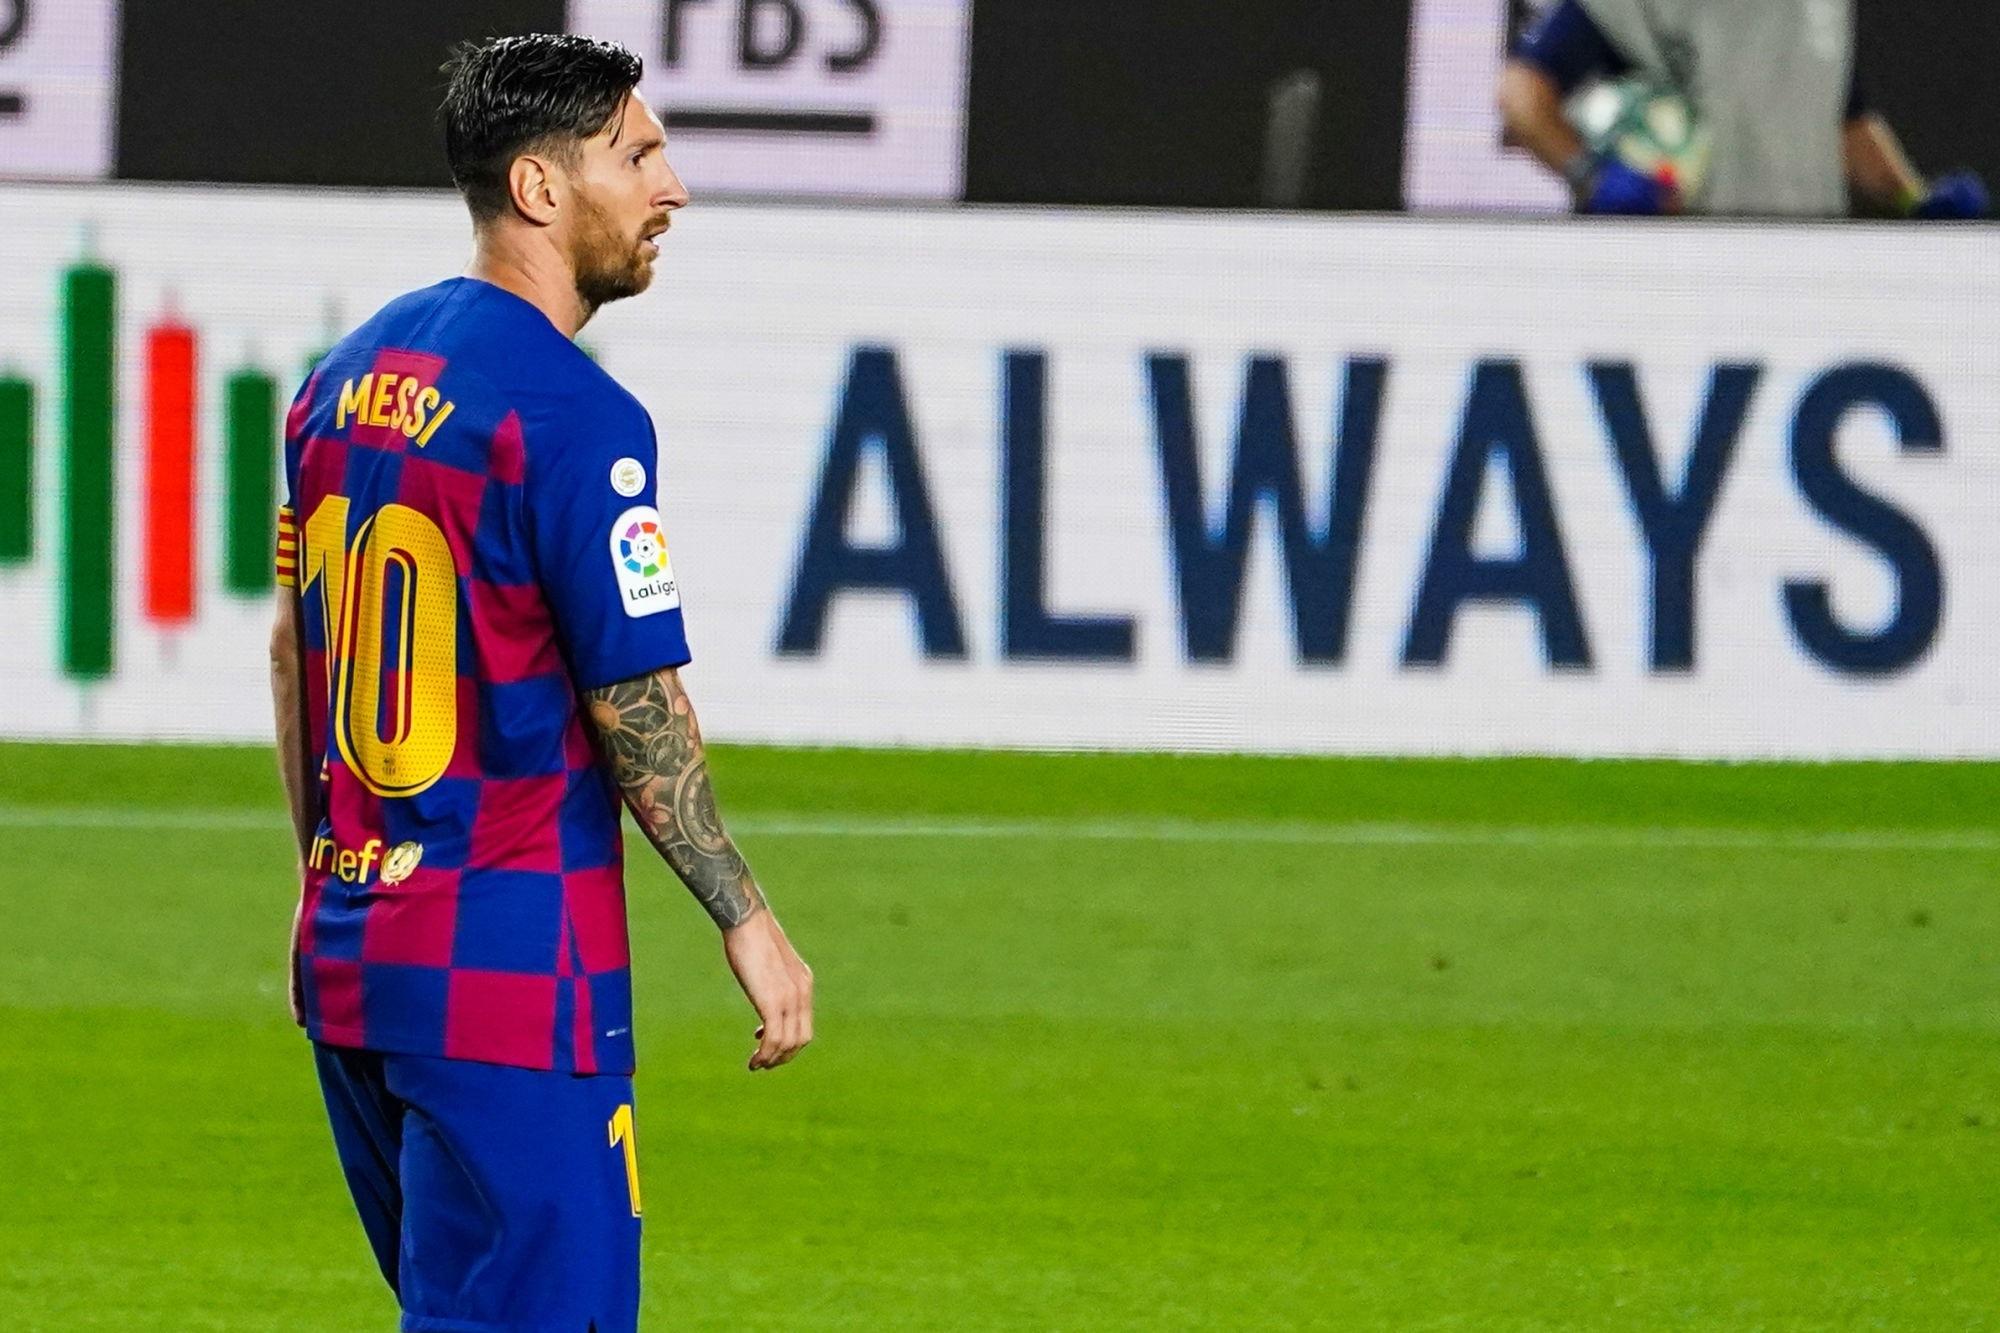 """Séverac conscient de la difficulté du dossier Messi, veut le voir au PSG """"quoi qu'il en coûte"""""""